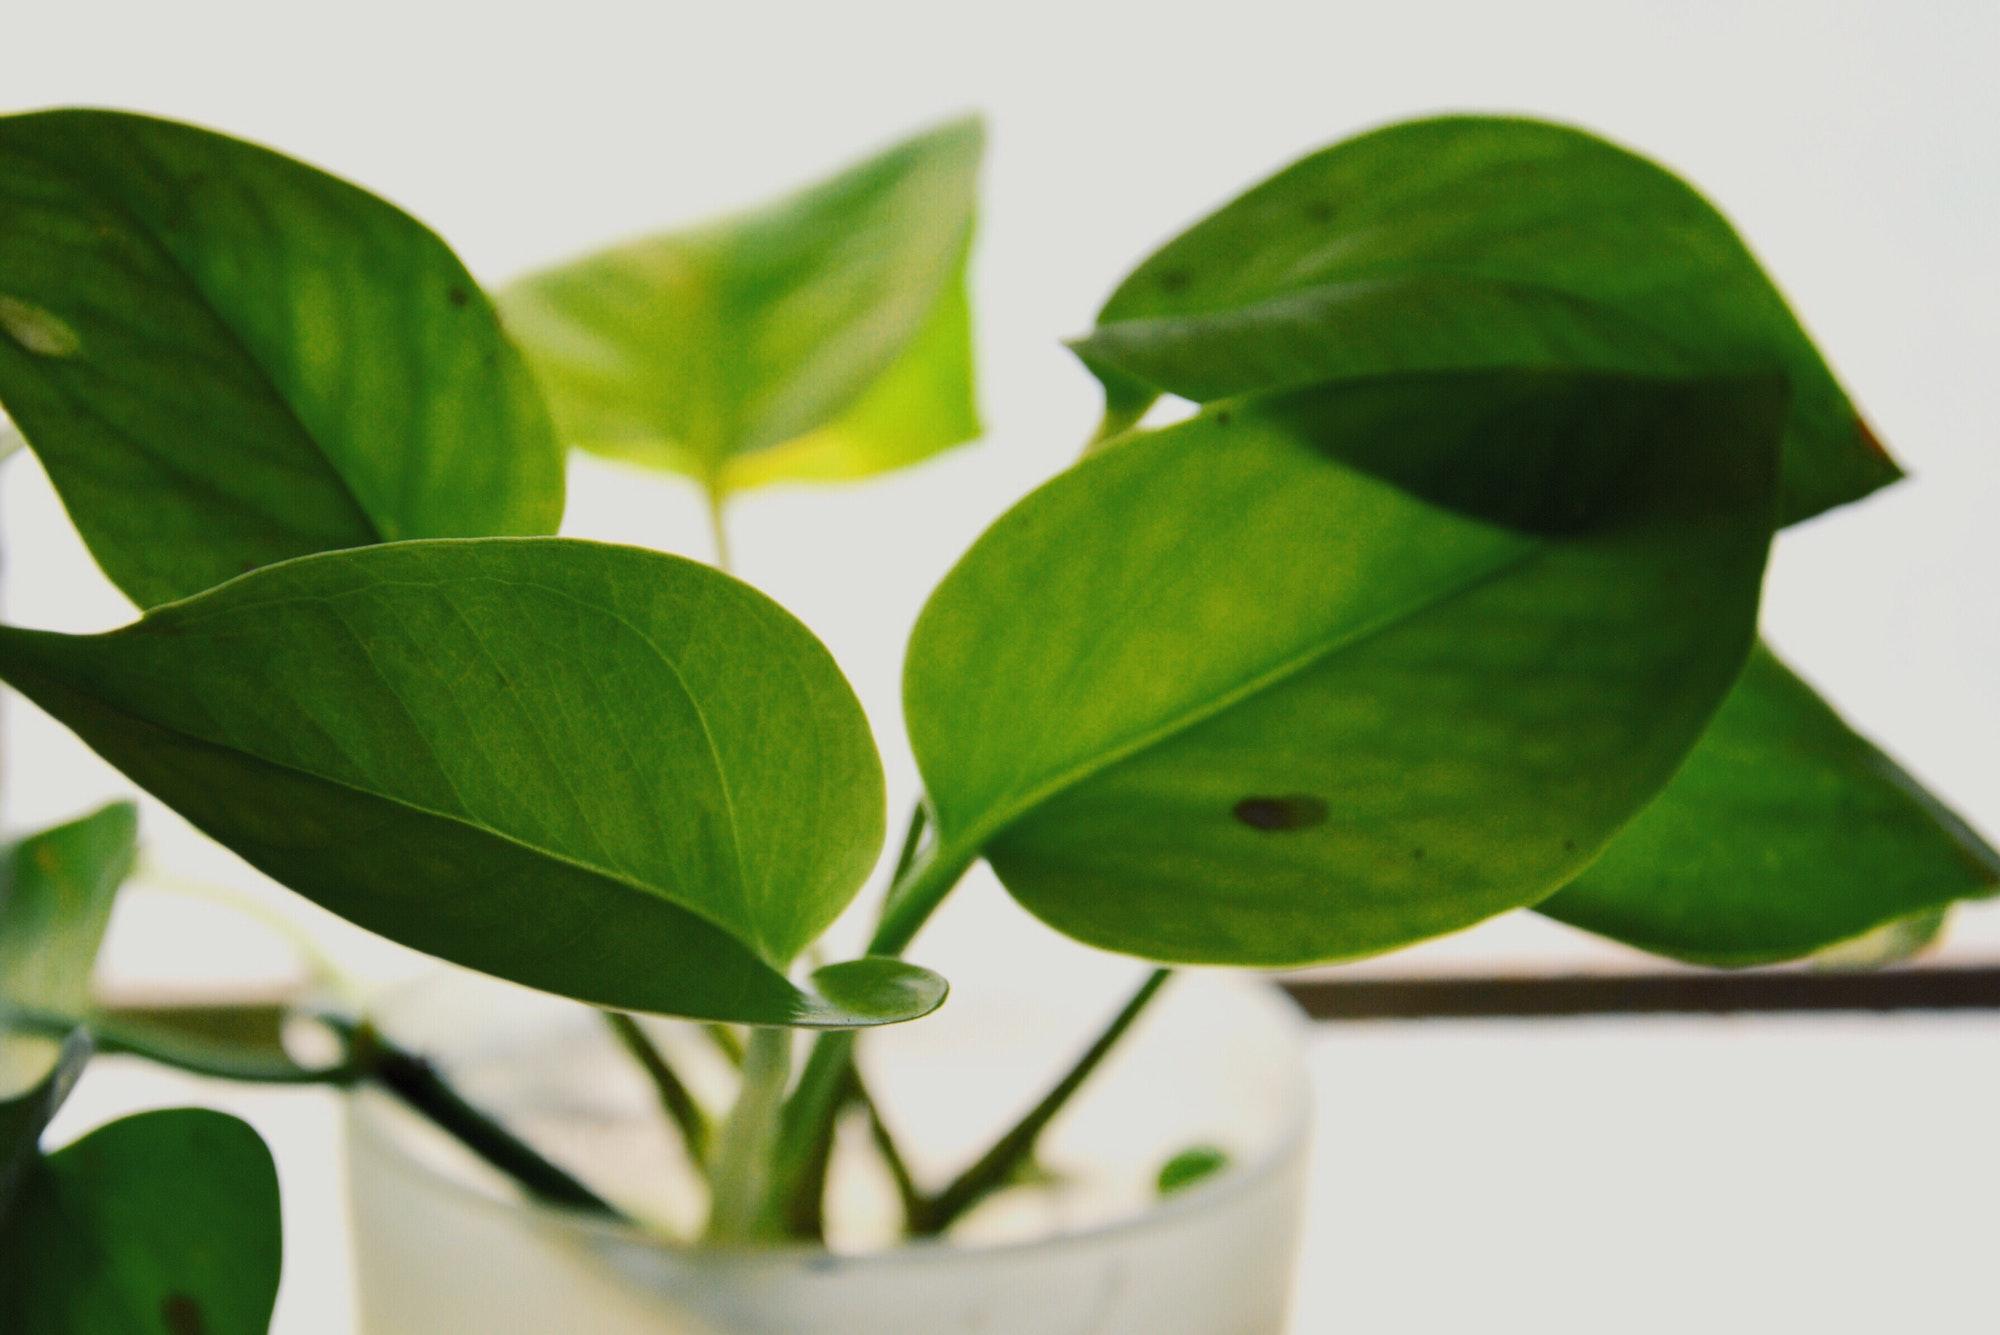 The money plant